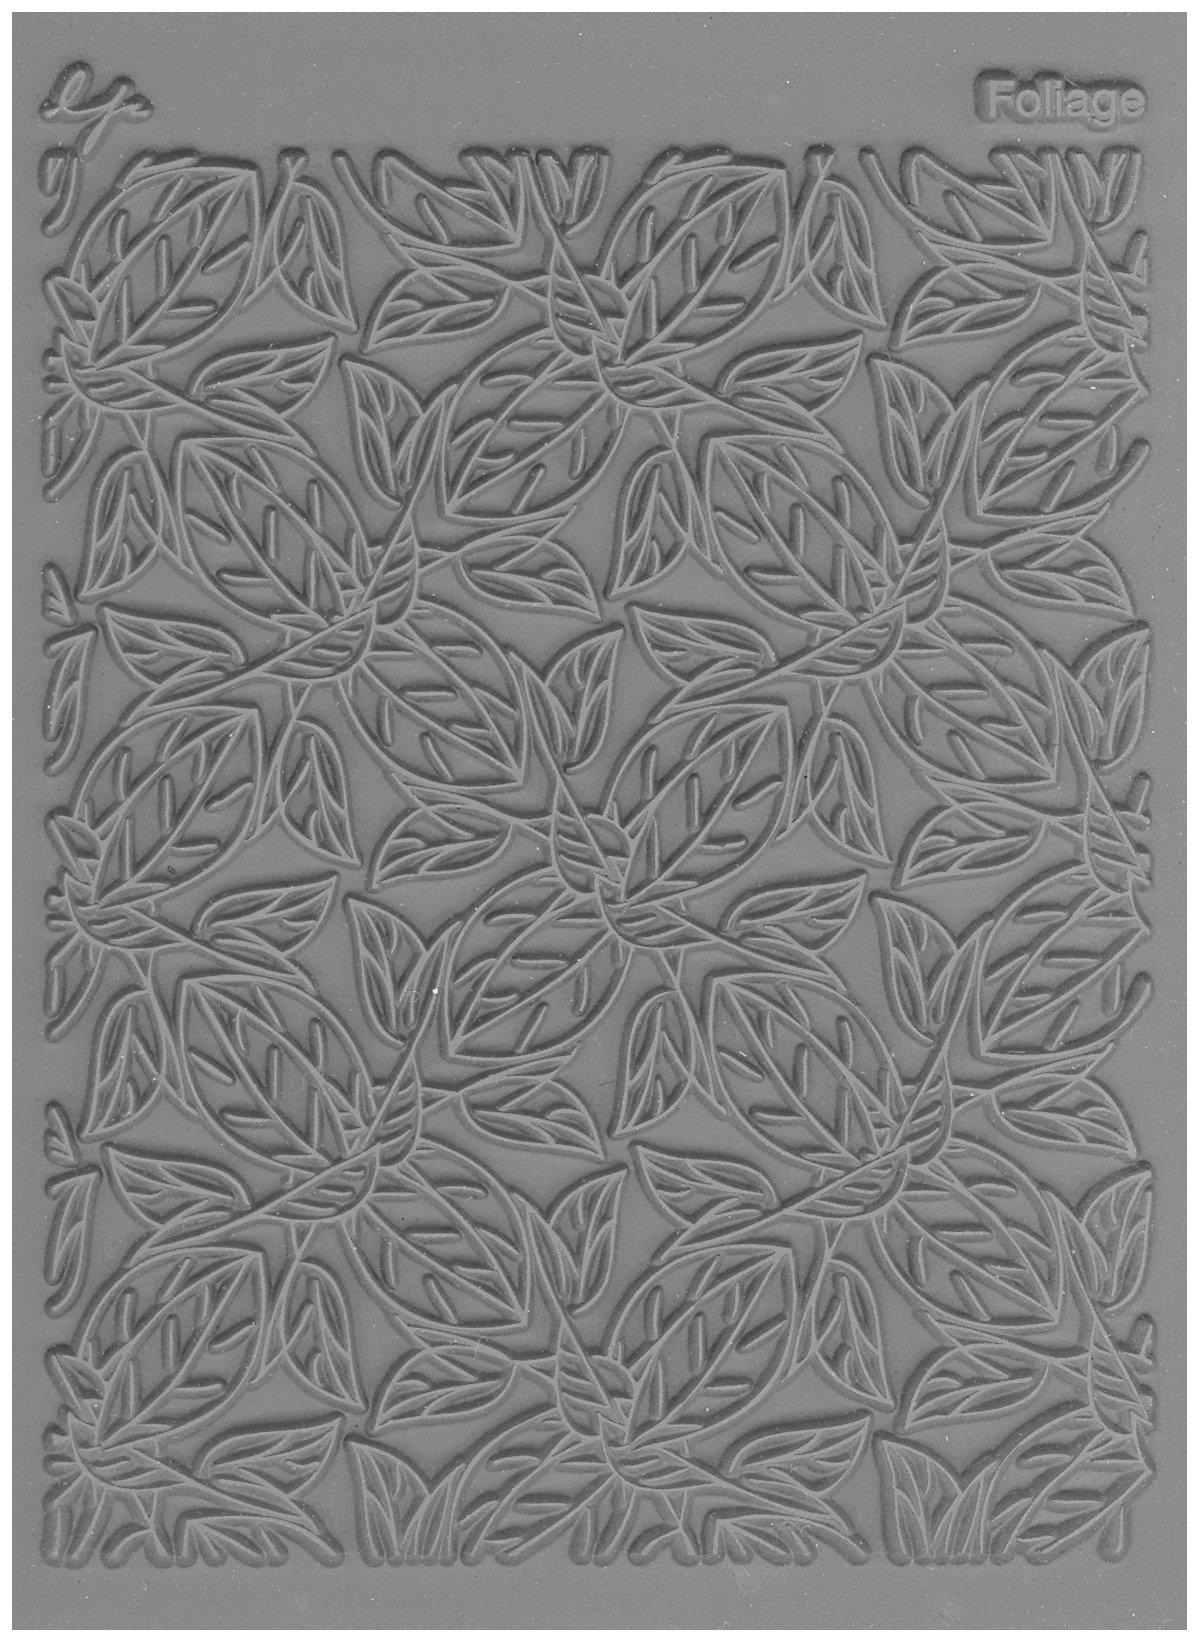 JHB International Inc Lisa Pavelka 527065 Texture Stamp Foliage